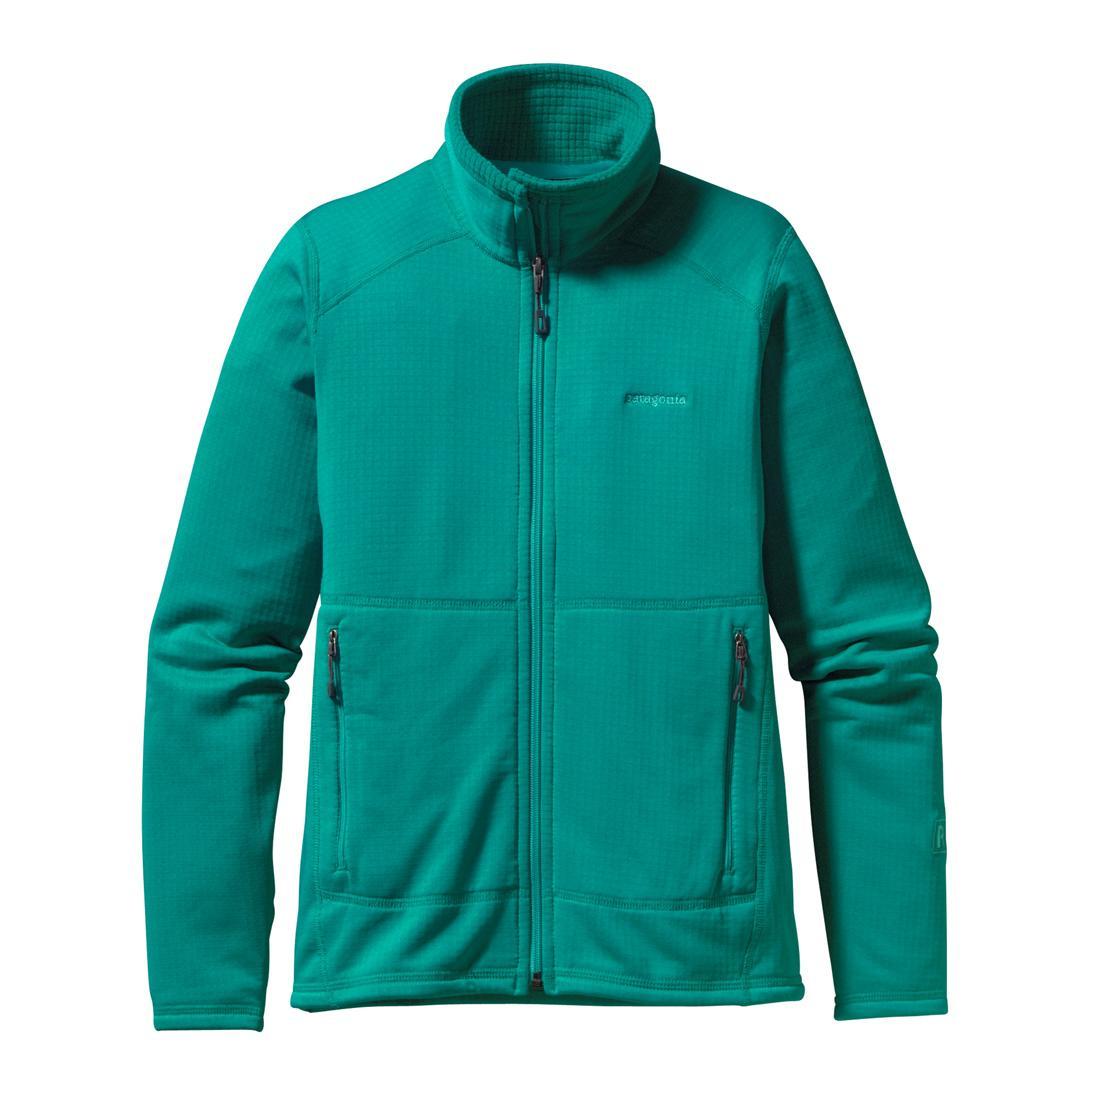 Куртка 40136 R1 FULL-ZIP жен.Куртки<br><br>Женская куртка Patagonia R1 FULL-ZIP изготовлена из мягкого и теплого флиса и может надеваться как отдельно, так и в качестве дополнительного уте...<br><br>Цвет: Цвет морской волны<br>Размер: M